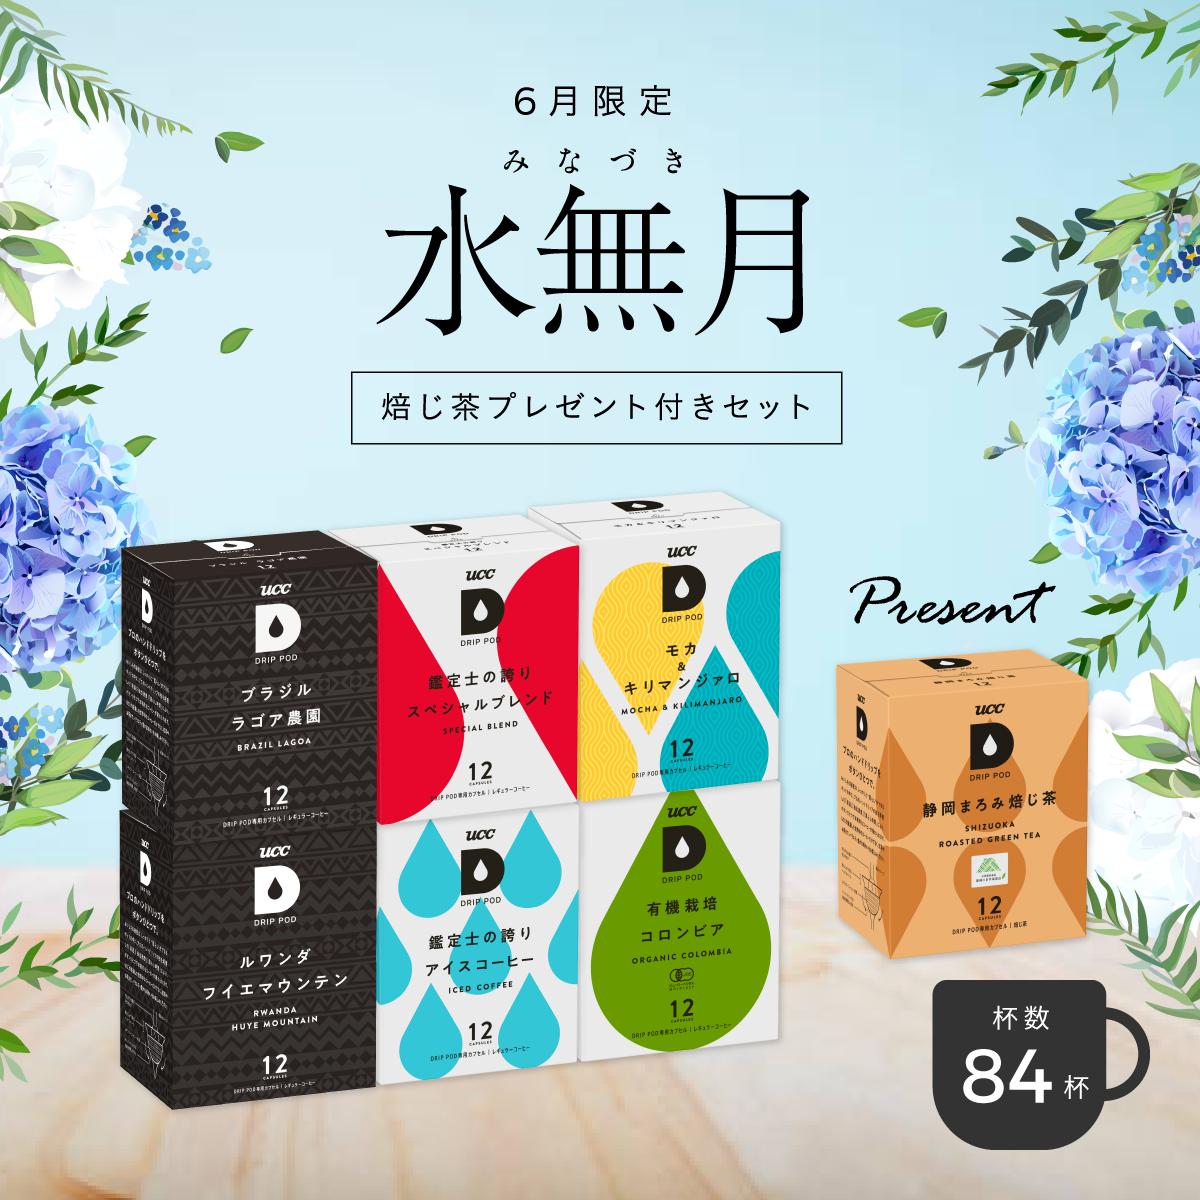 【6月限定】水無月(みなづき)・焙じ茶プレゼント付きセット